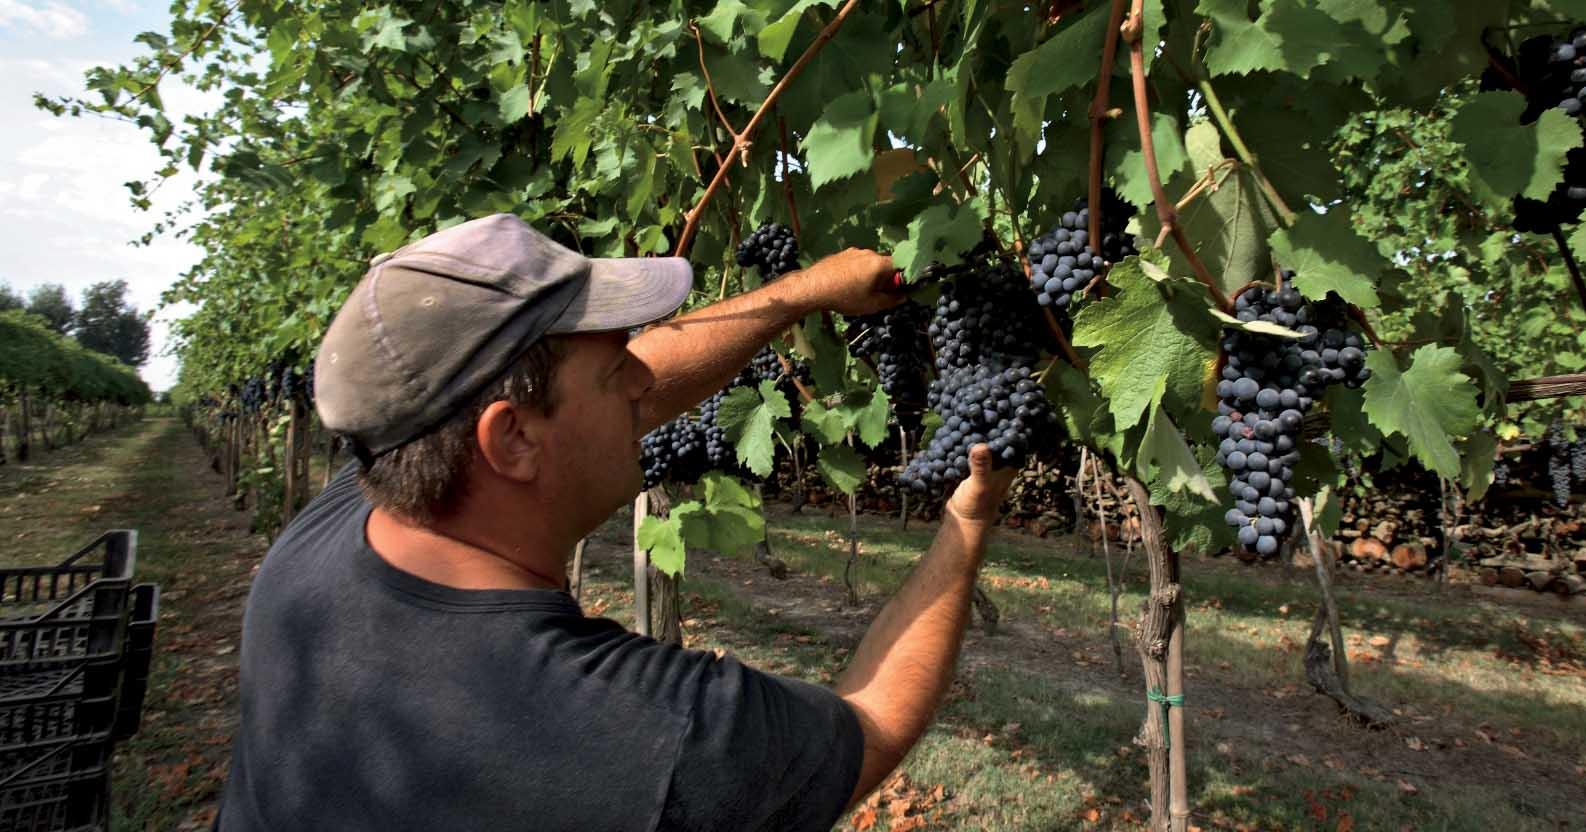 Enoteca Emilia Romagna vendemmia vigna uva nera